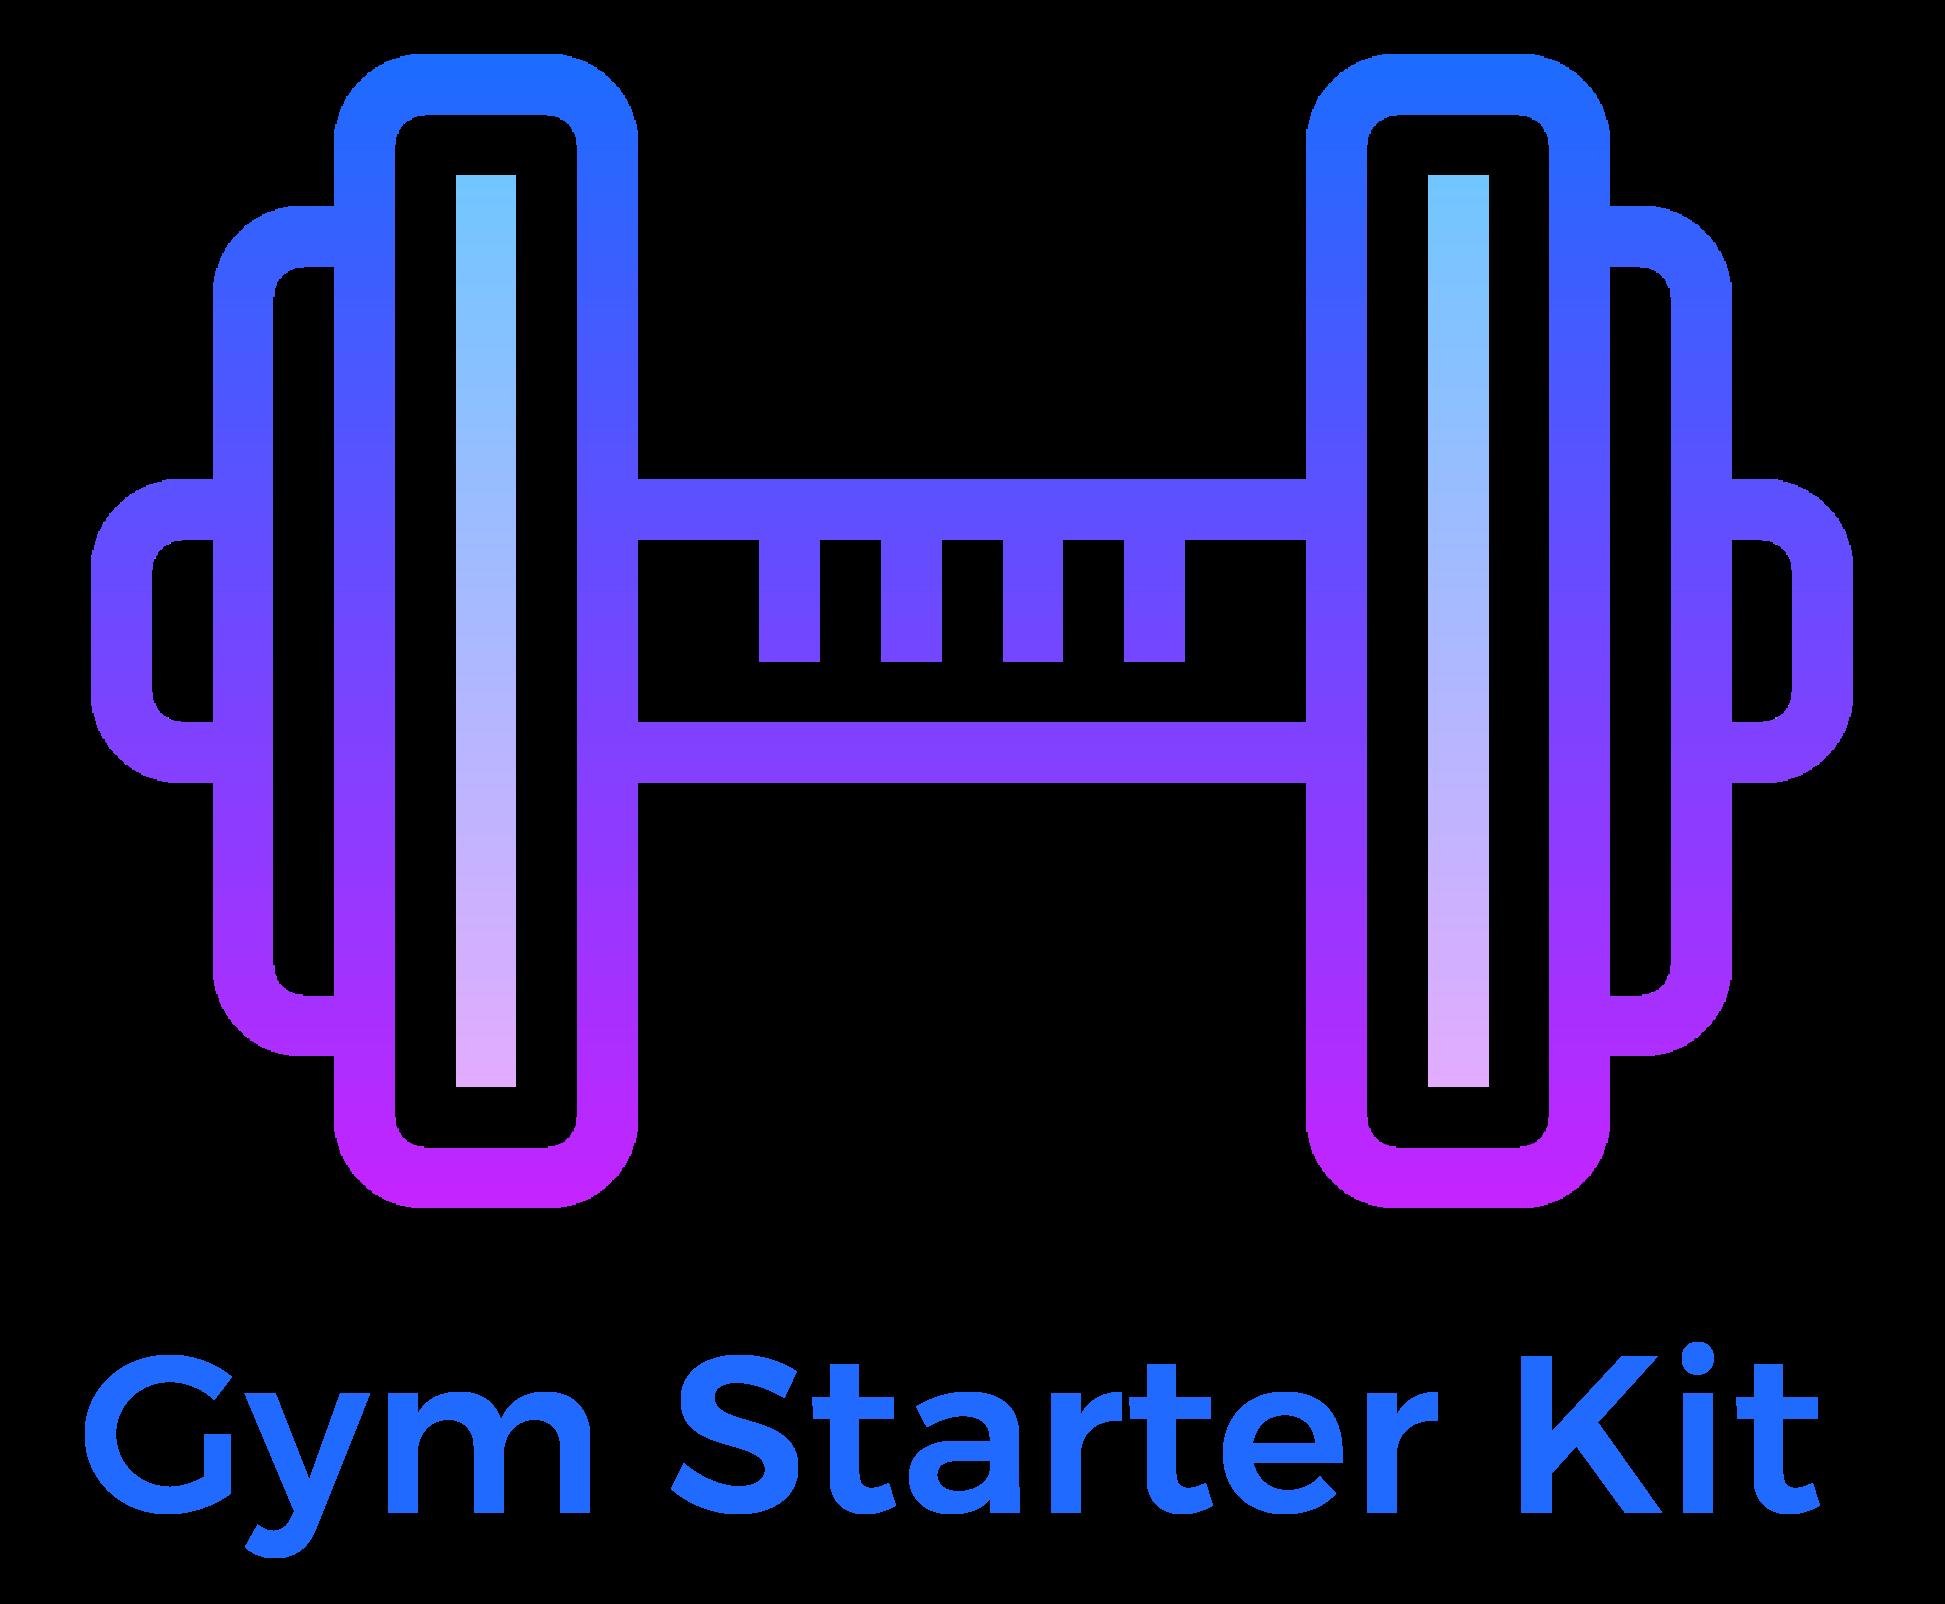 Gym Starter Kit